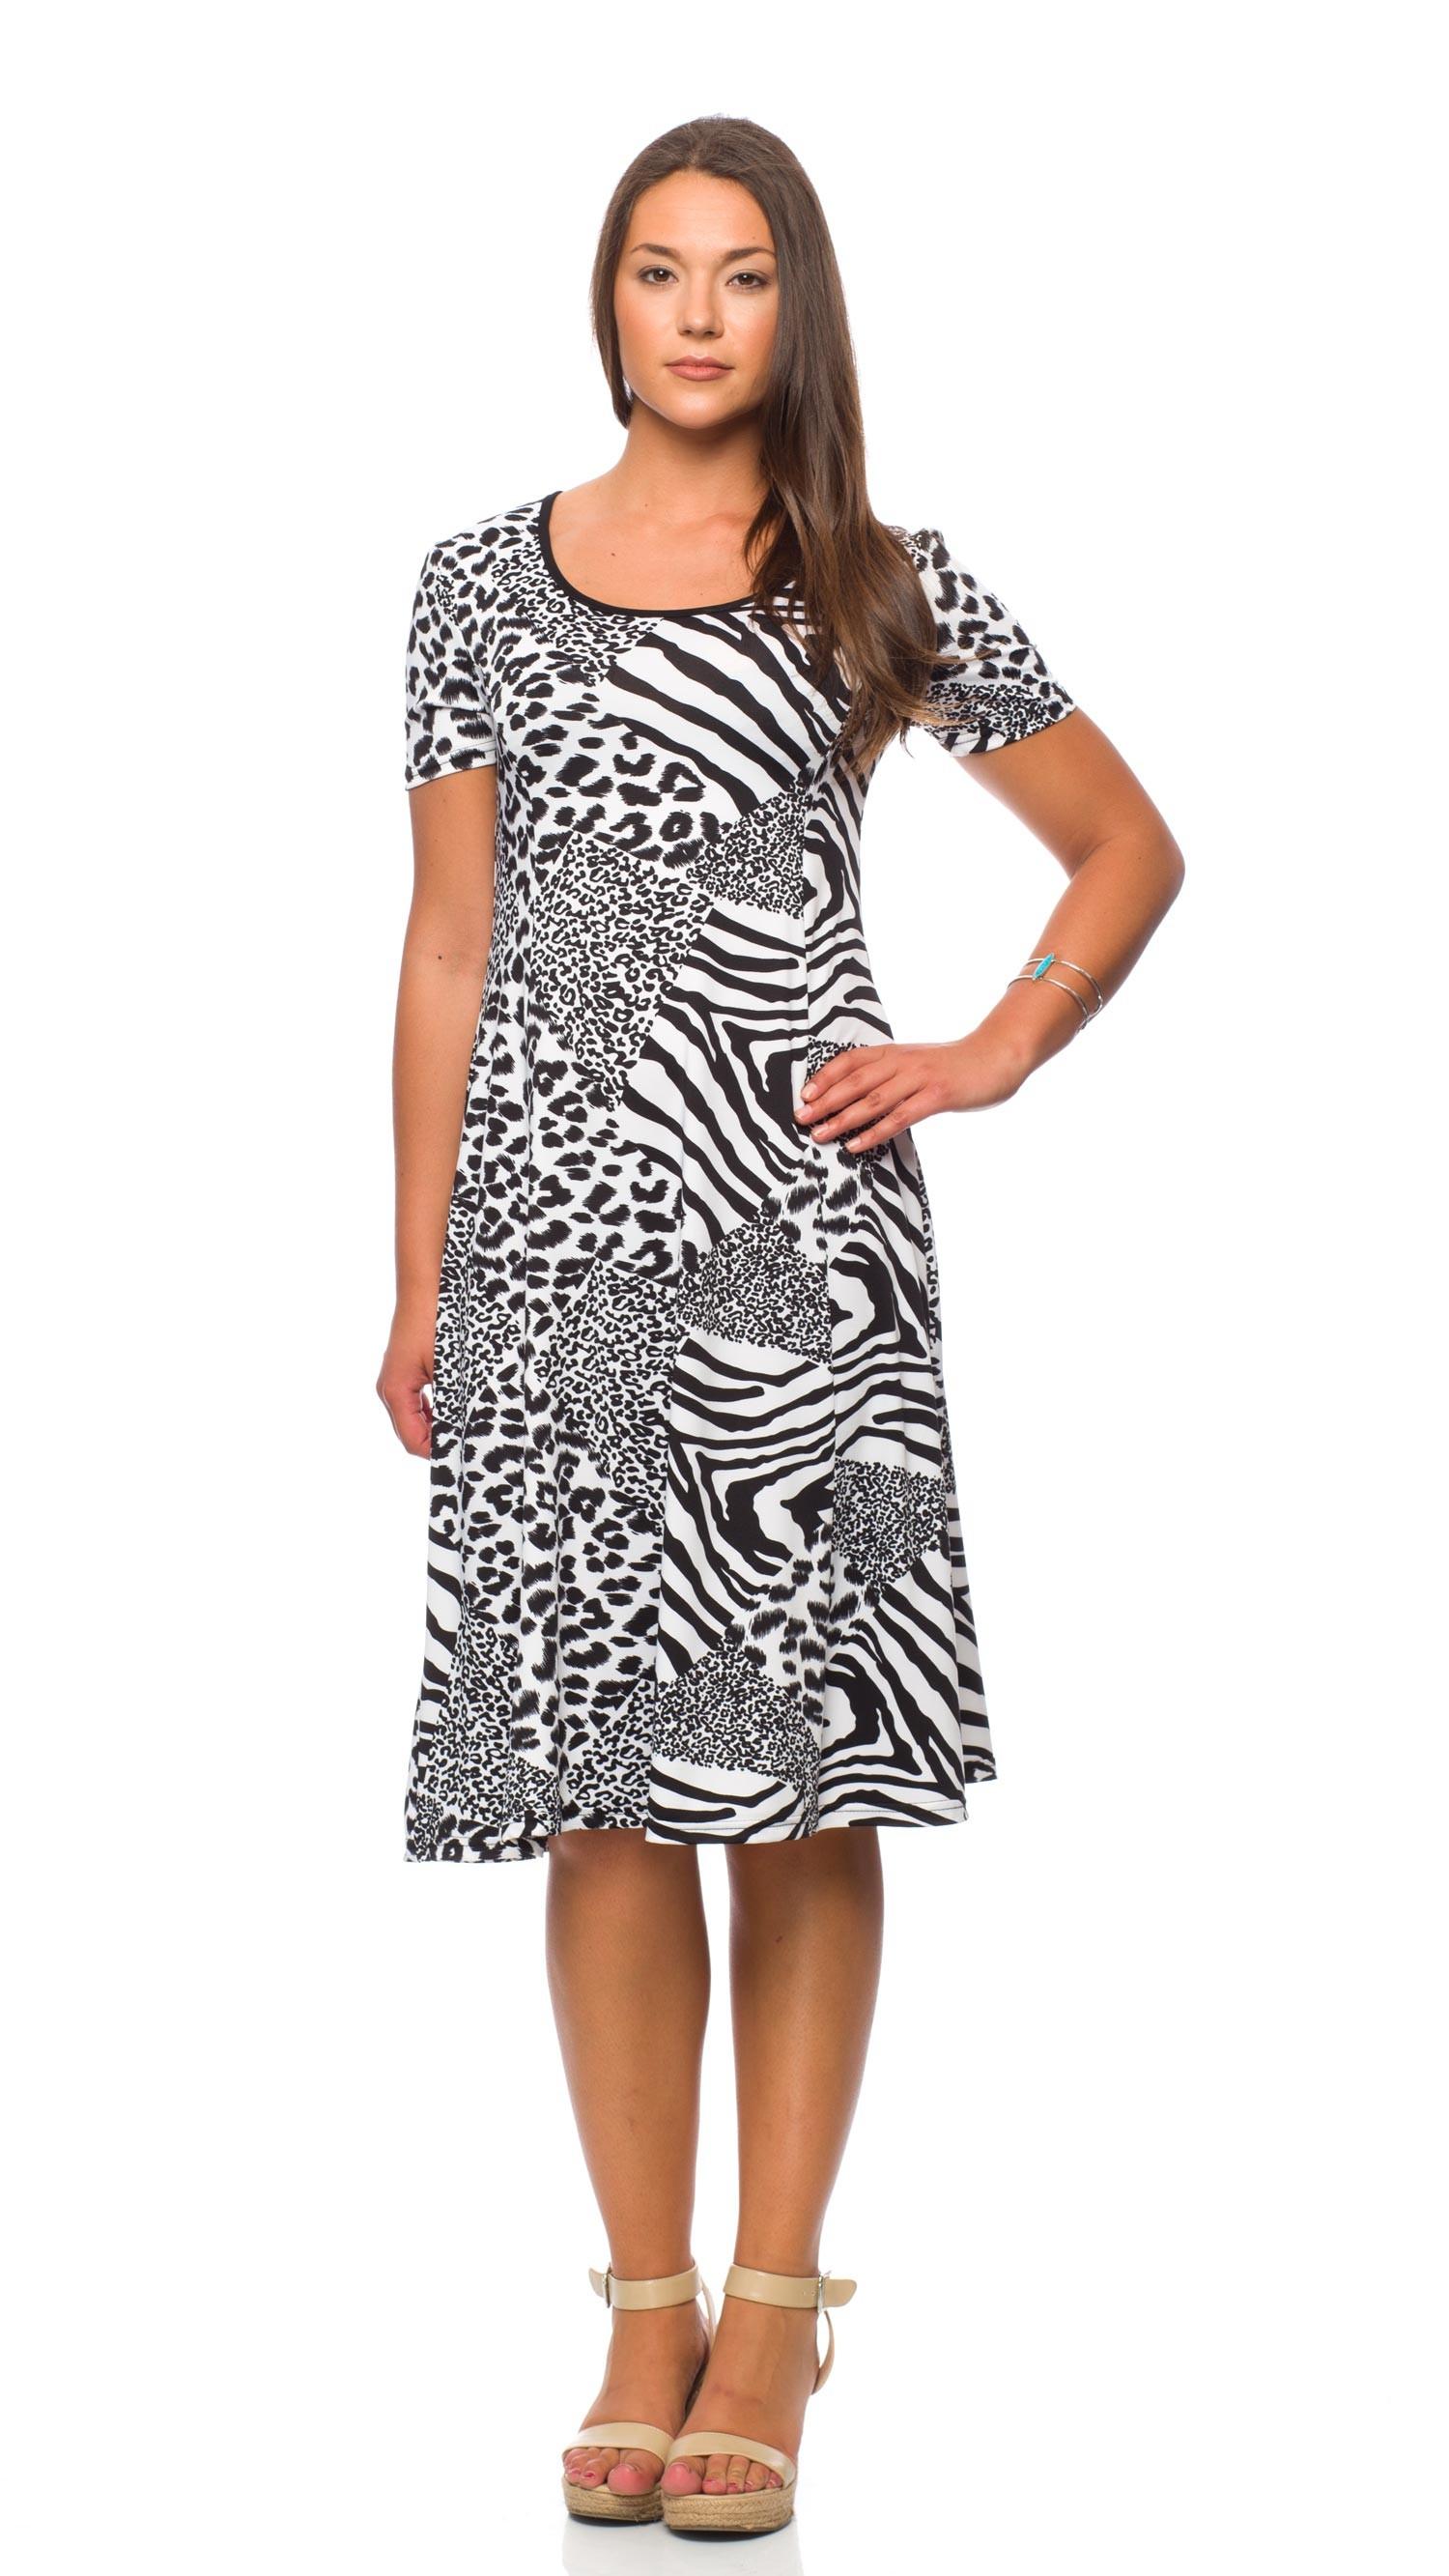 f477b1895e Dress fashion white and black textured - Boutique Isla Mona Canada